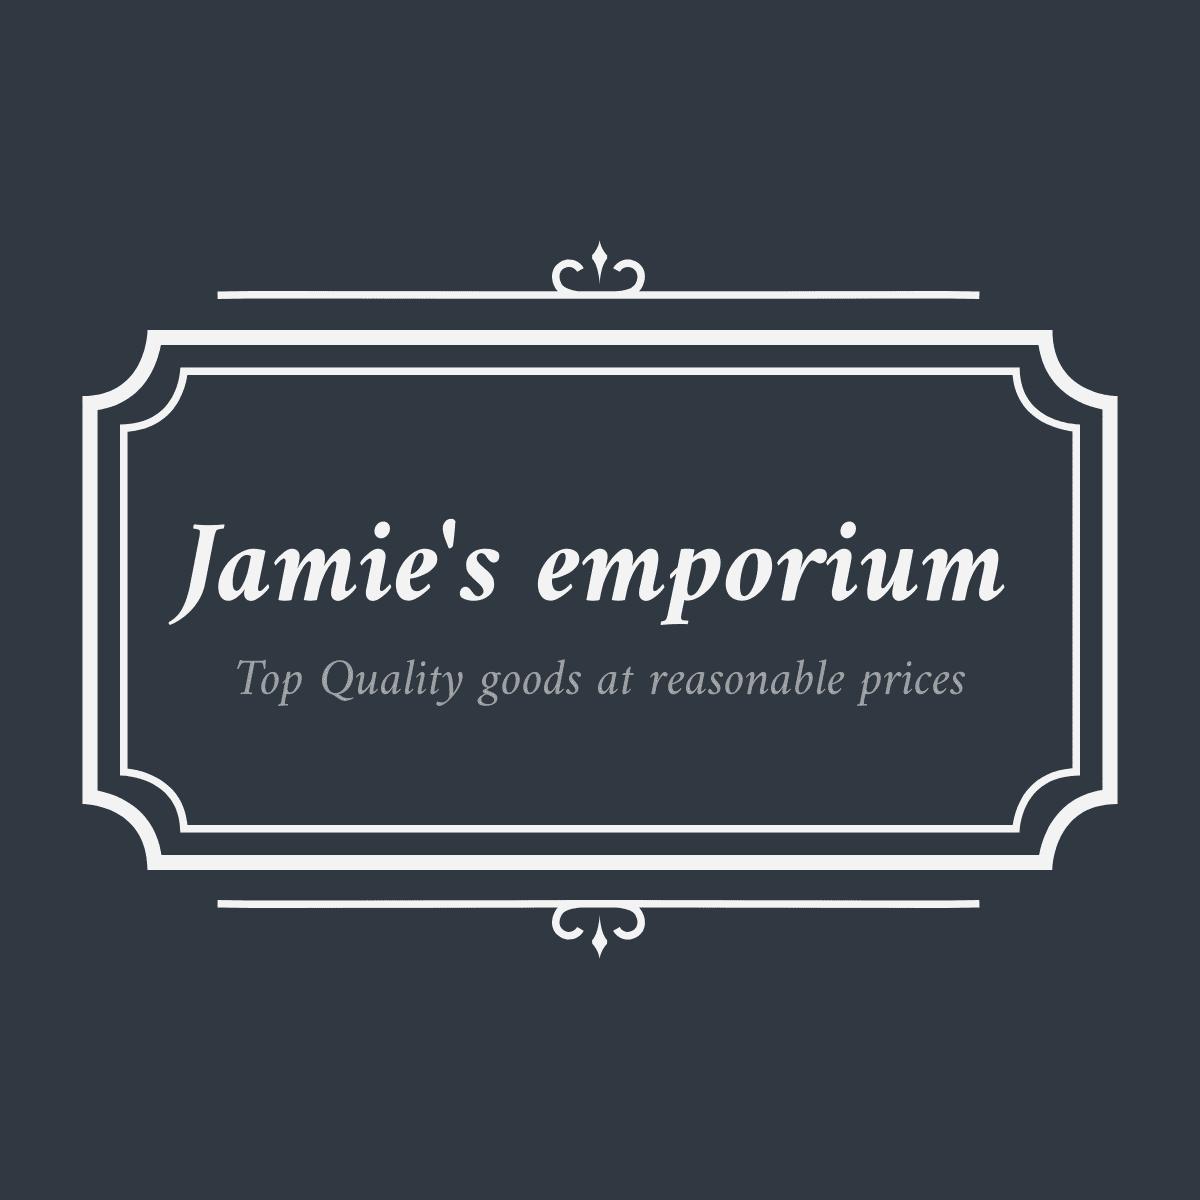 Jamie's emporium